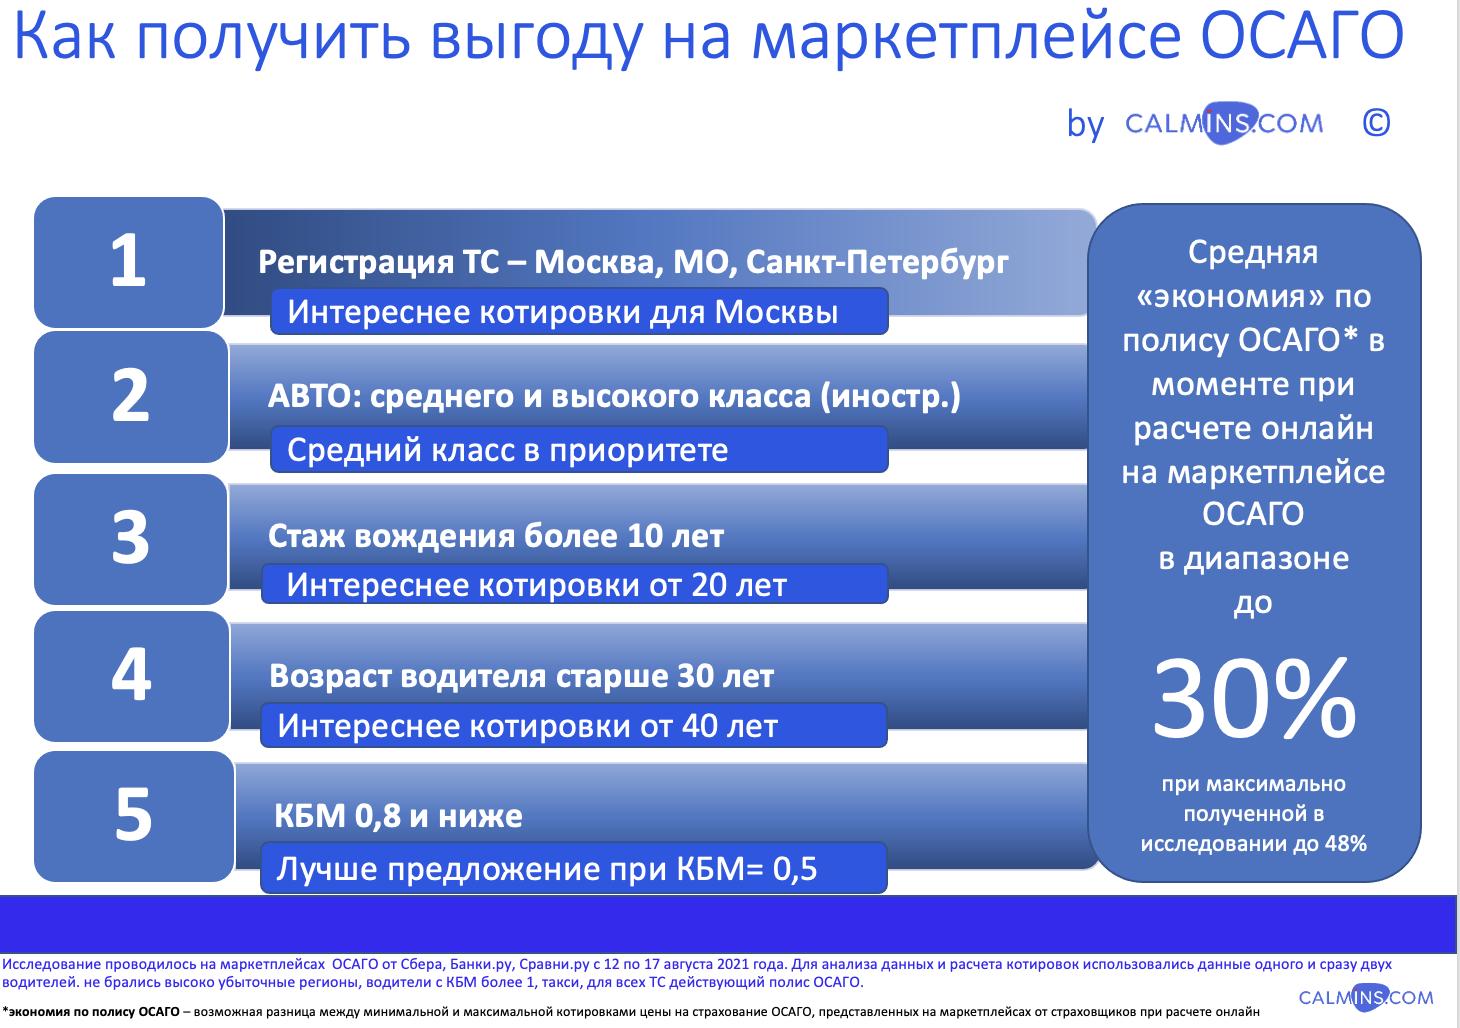 Маркетплейсы ОСАГО: как купить с выгодой до 30%, сравнение цен и условий